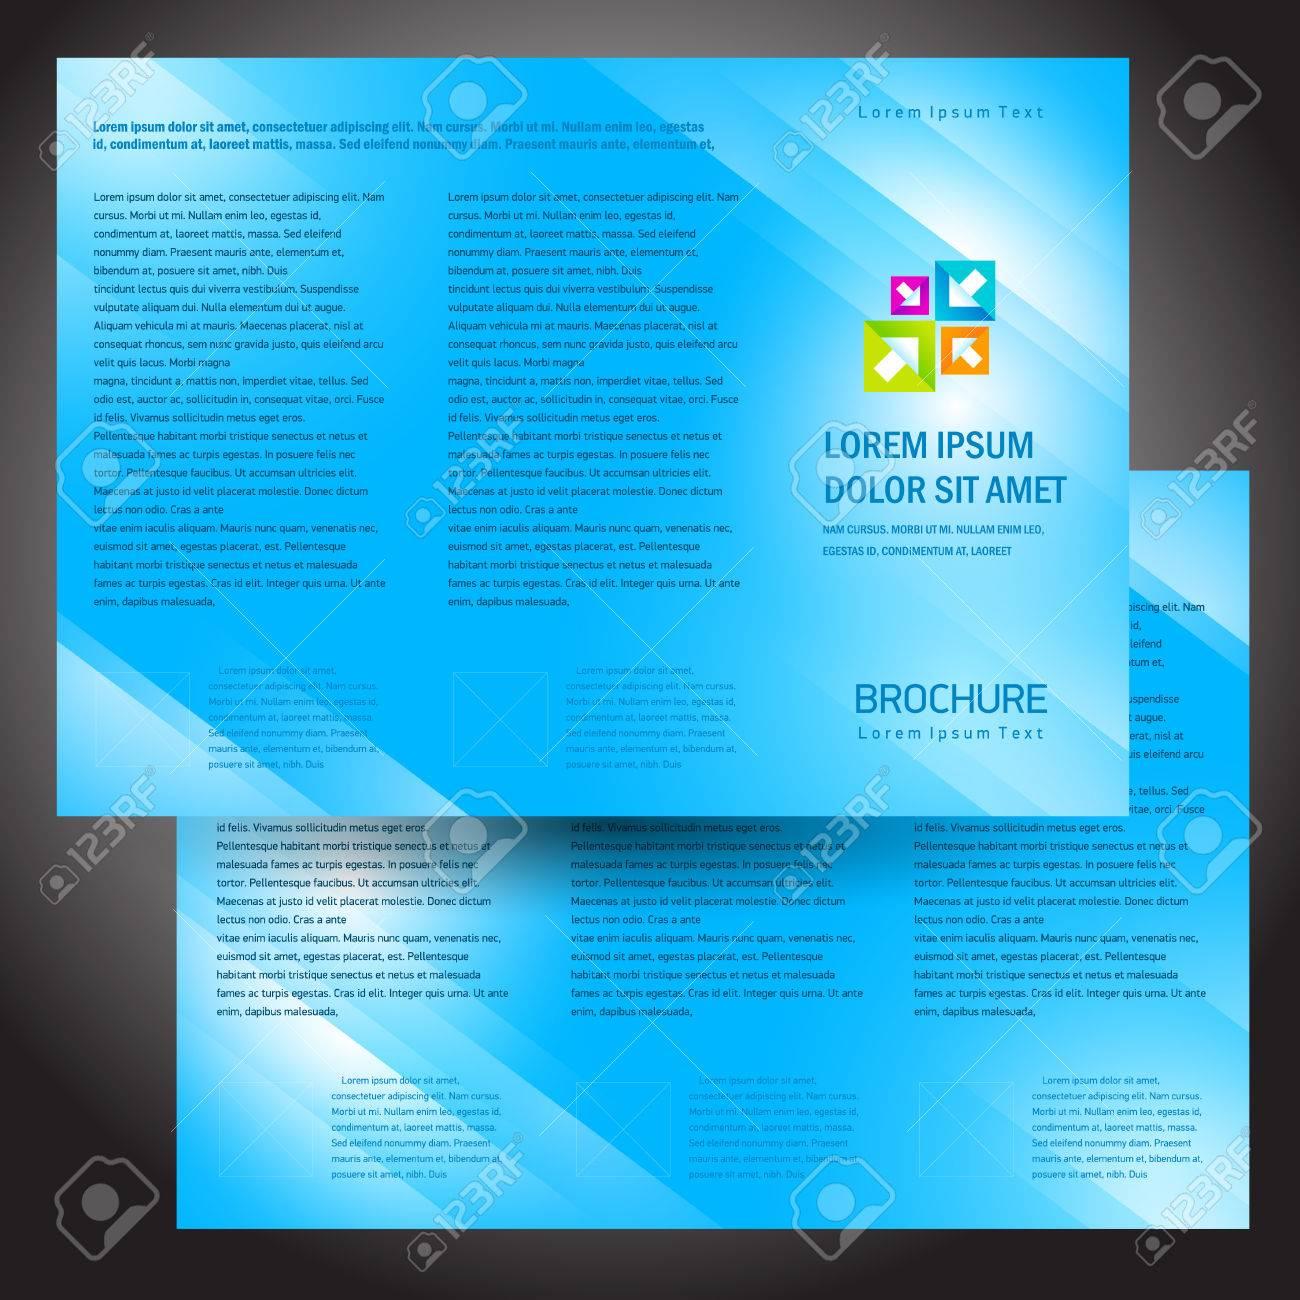 brochure folder colorful design vector blue - 57696643